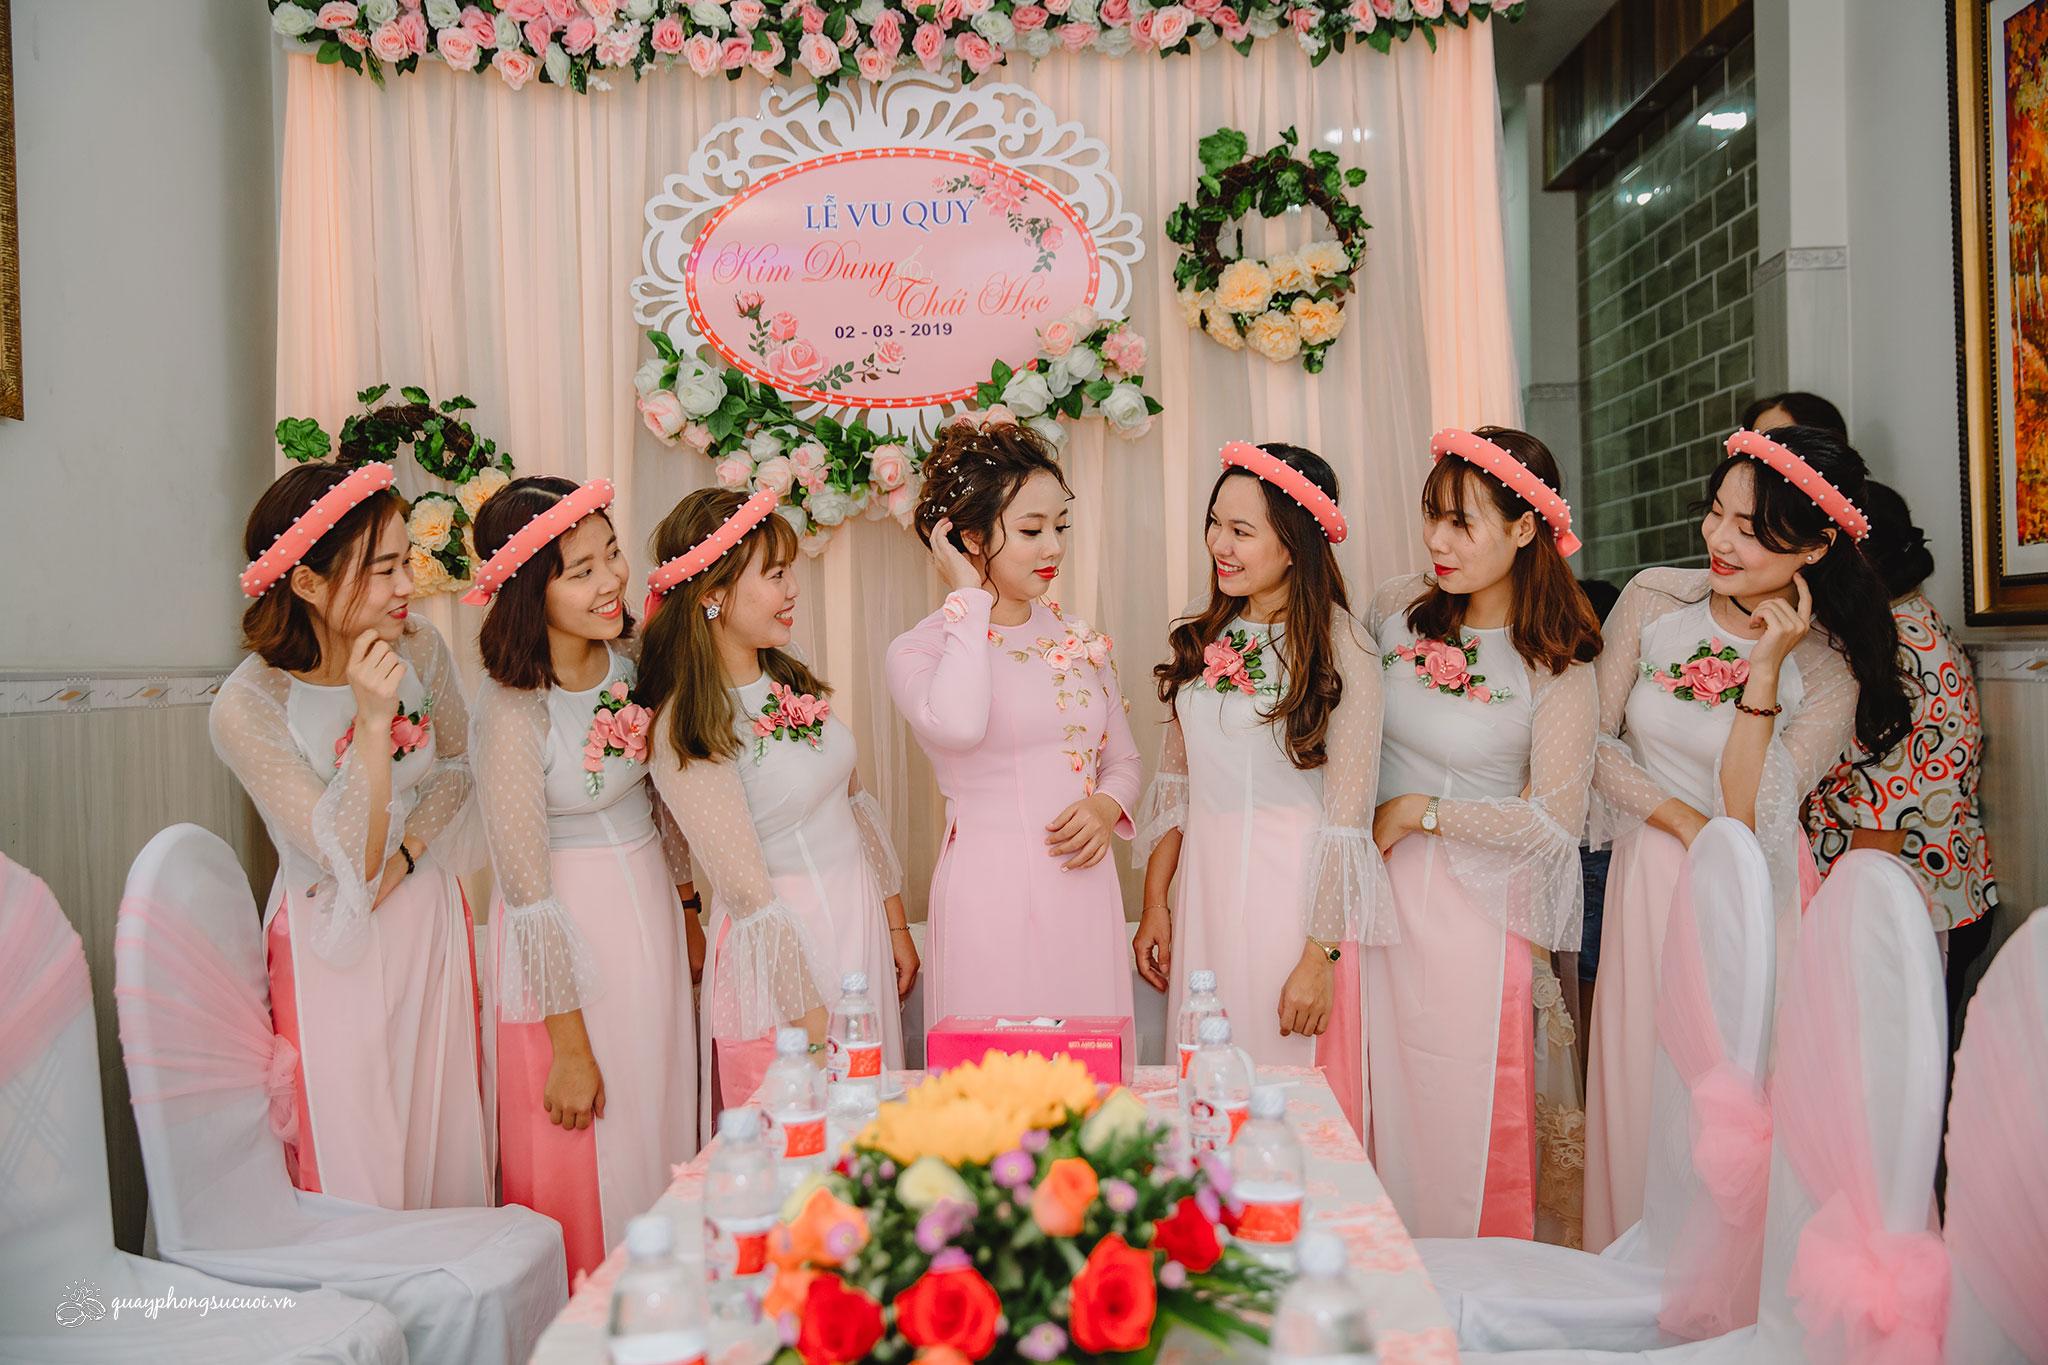 Mẫu áo dài bưng quả hồng trắng